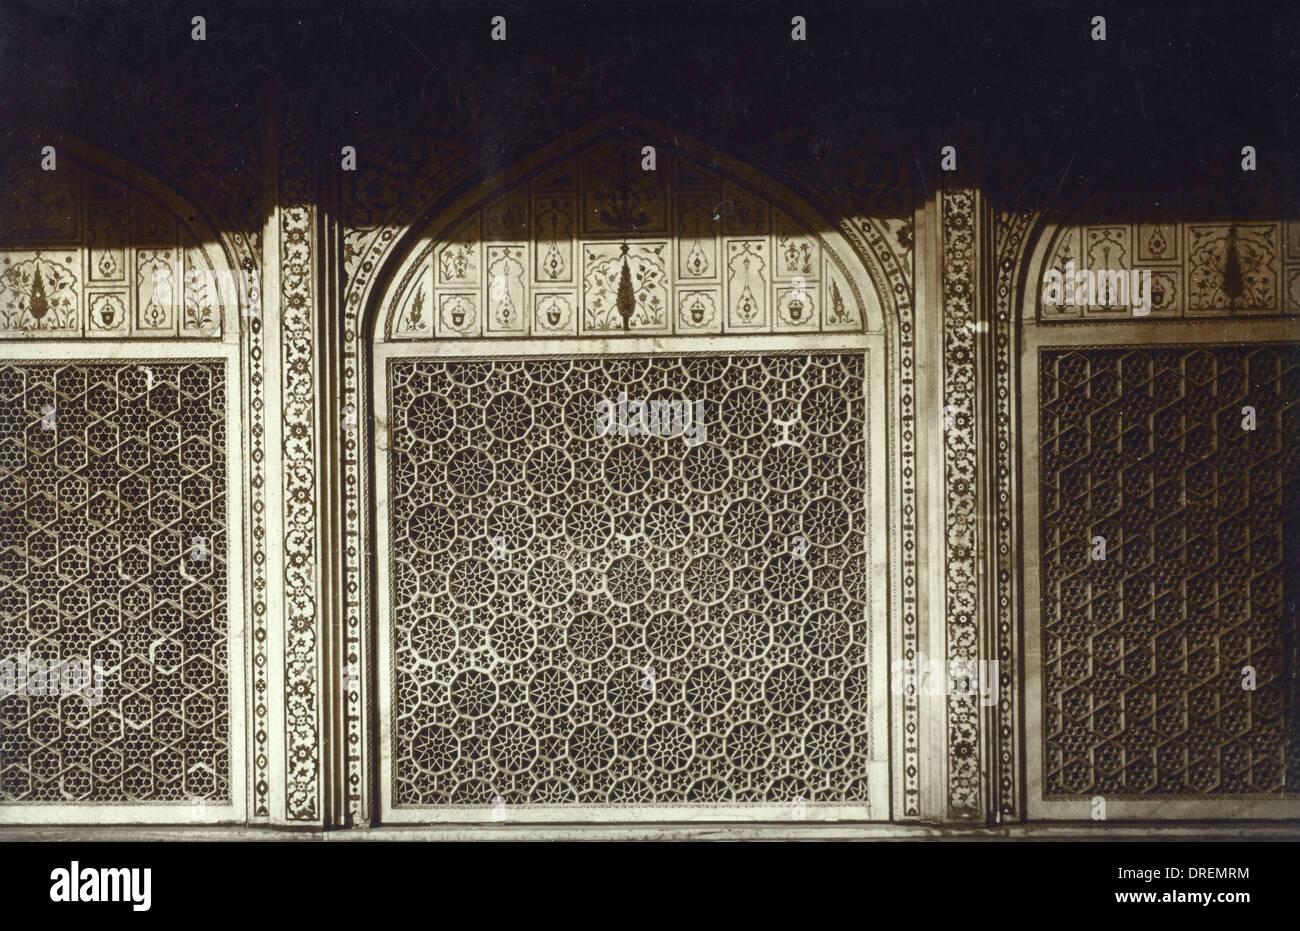 Geschnitzte Maßwerk in einer Moschee Stockfoto